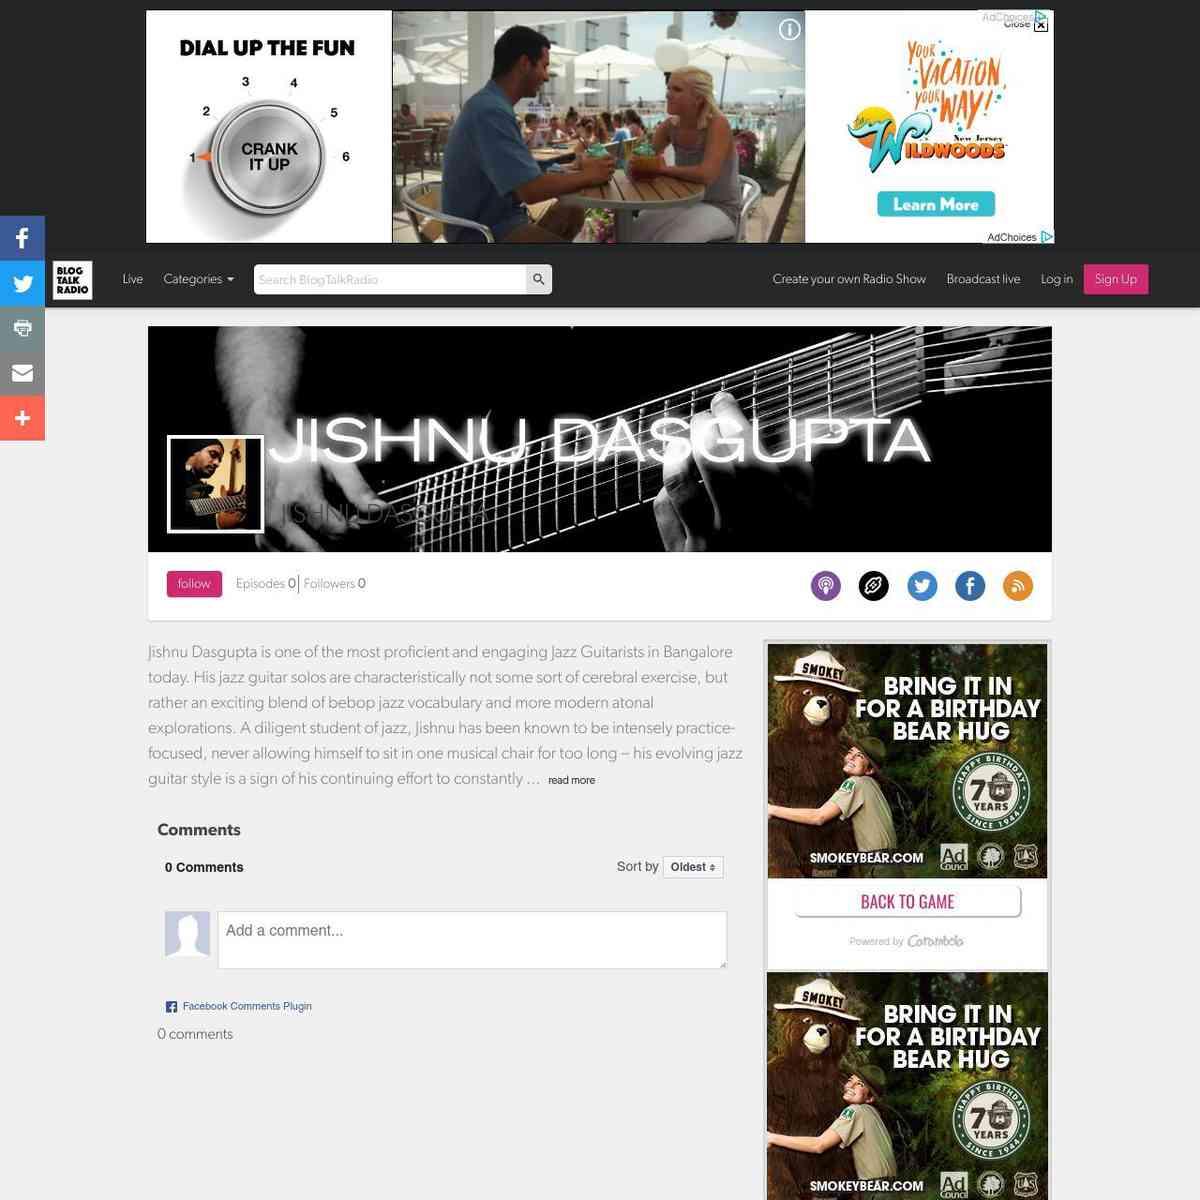 https://www.blogtalkradio.com/jishnu-dasgupta